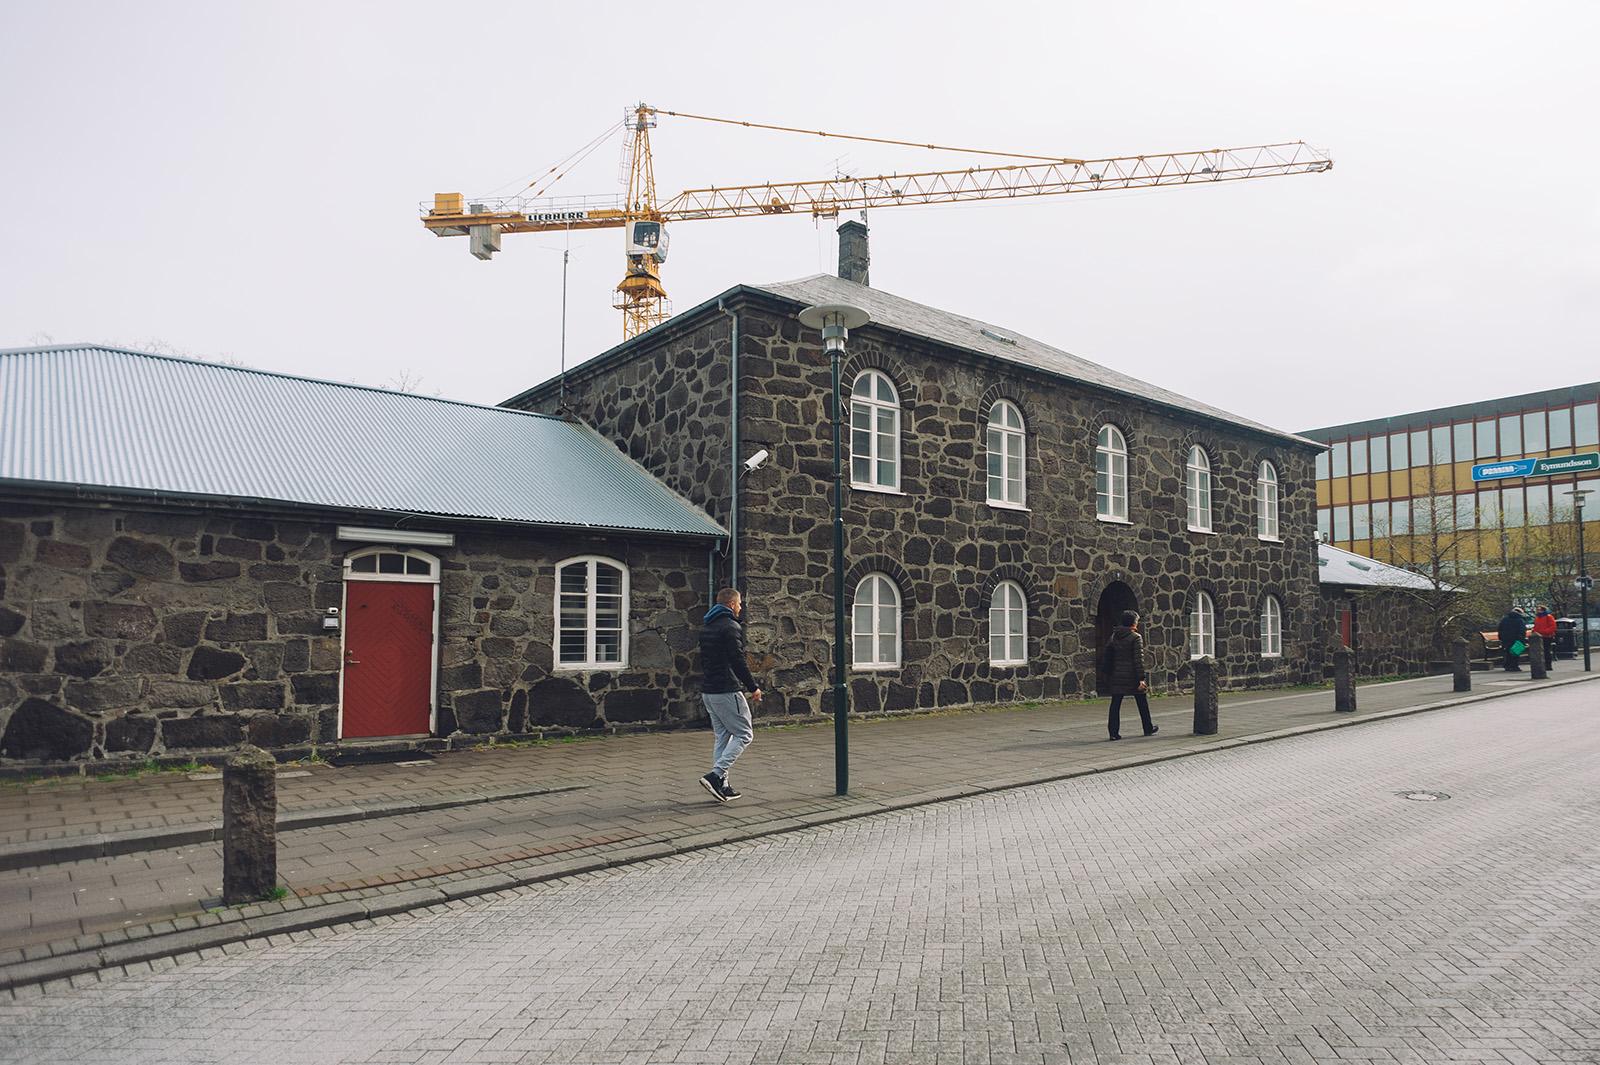 Действующая местная тюрьма, Reykjavik. По некоторым данным, на момент съемки, в ней не было ни одного заключенного.